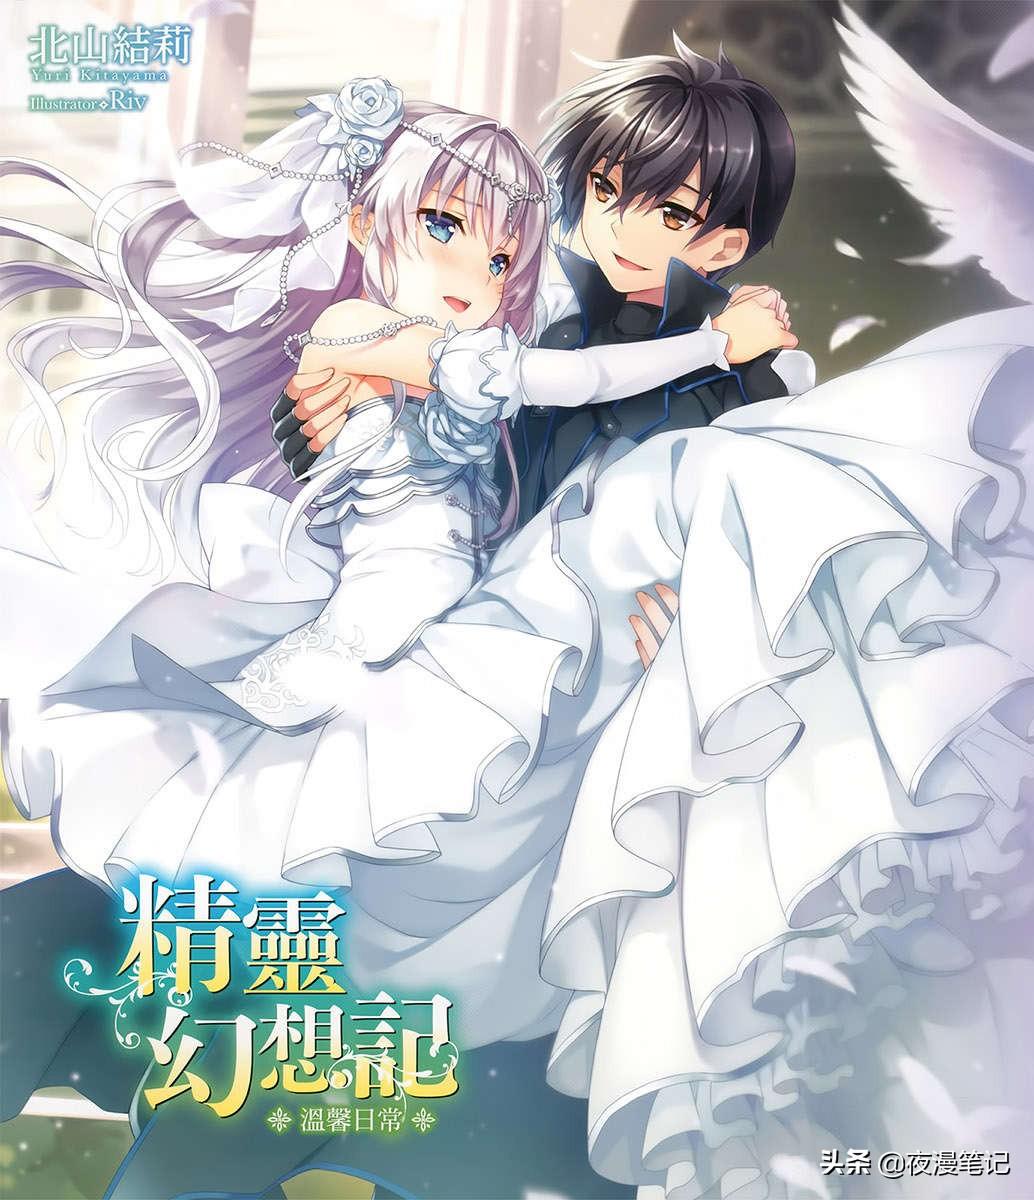 精靈幻想記:女主被「逼婚」還要嫁給無恥之人,男主直接帶人搶婚